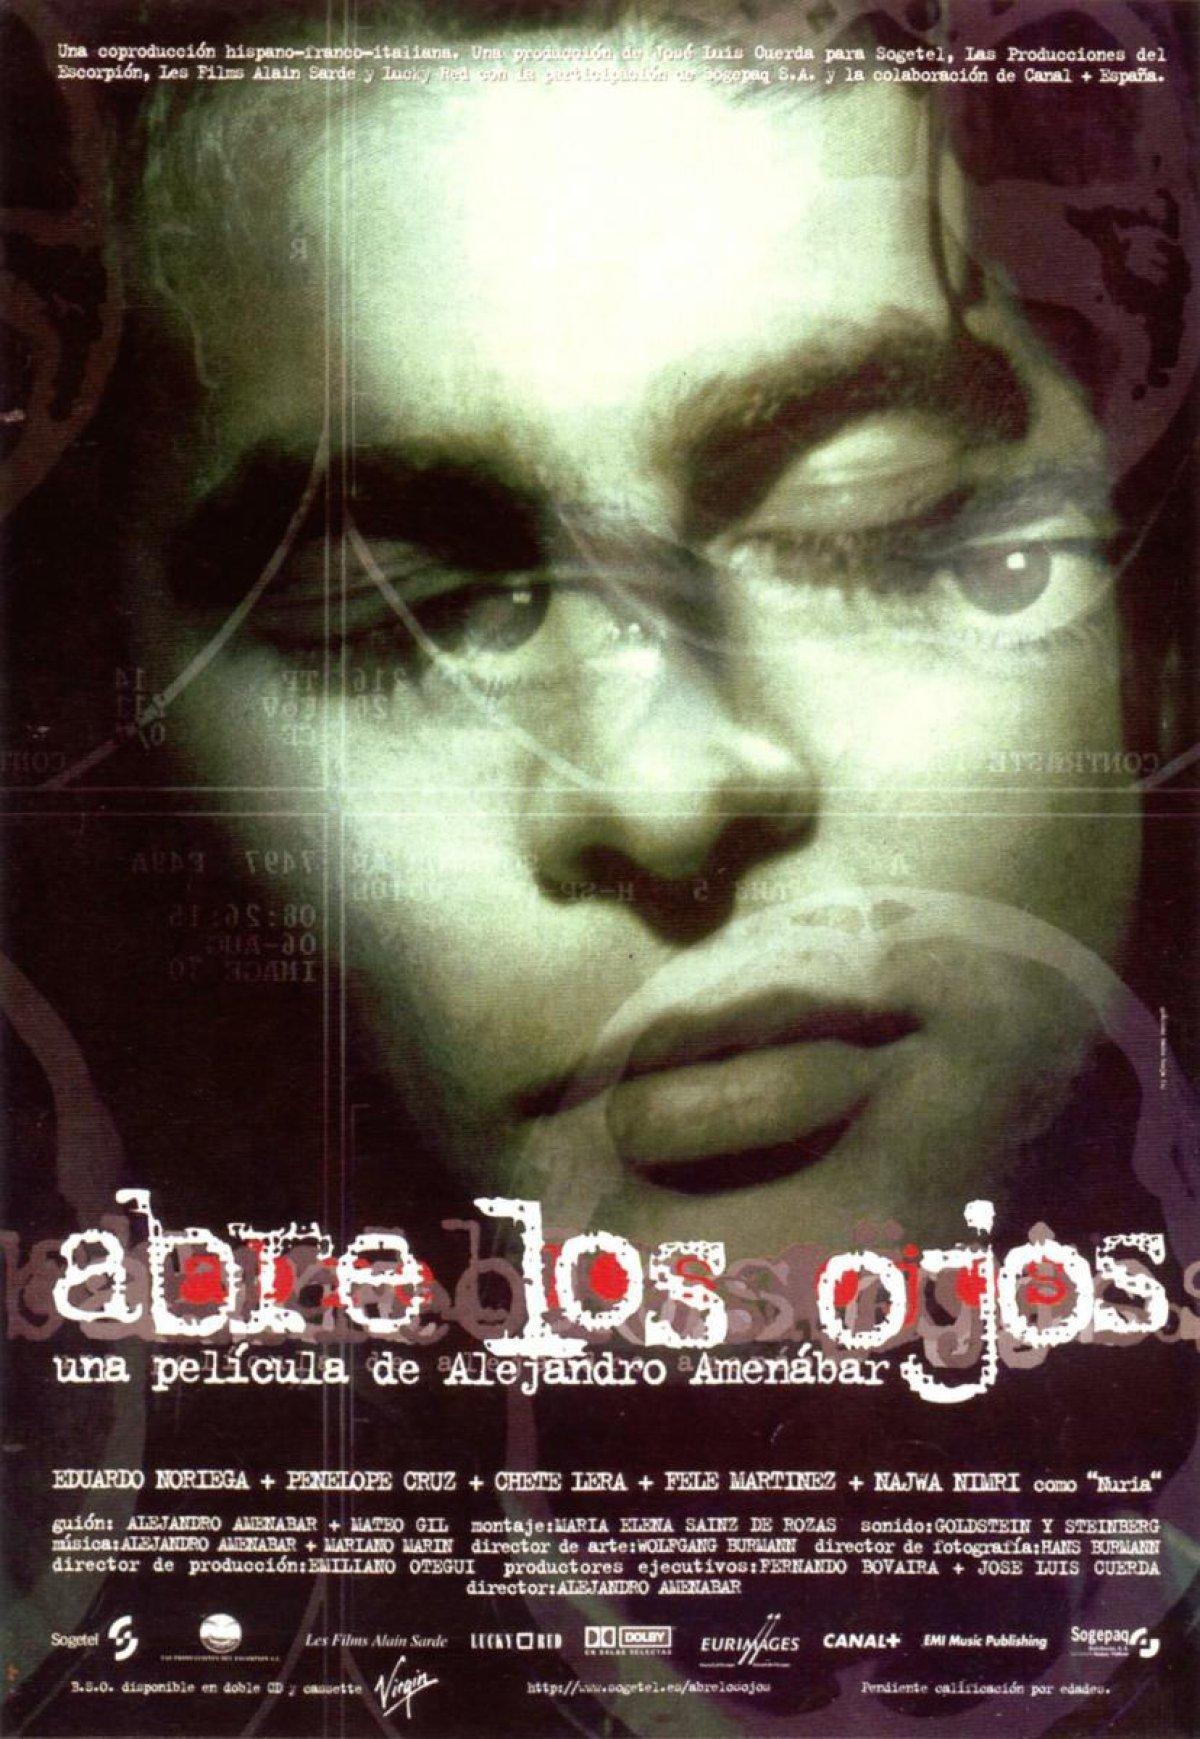 Otwórz oczy (1997), Alejandro Amenábar